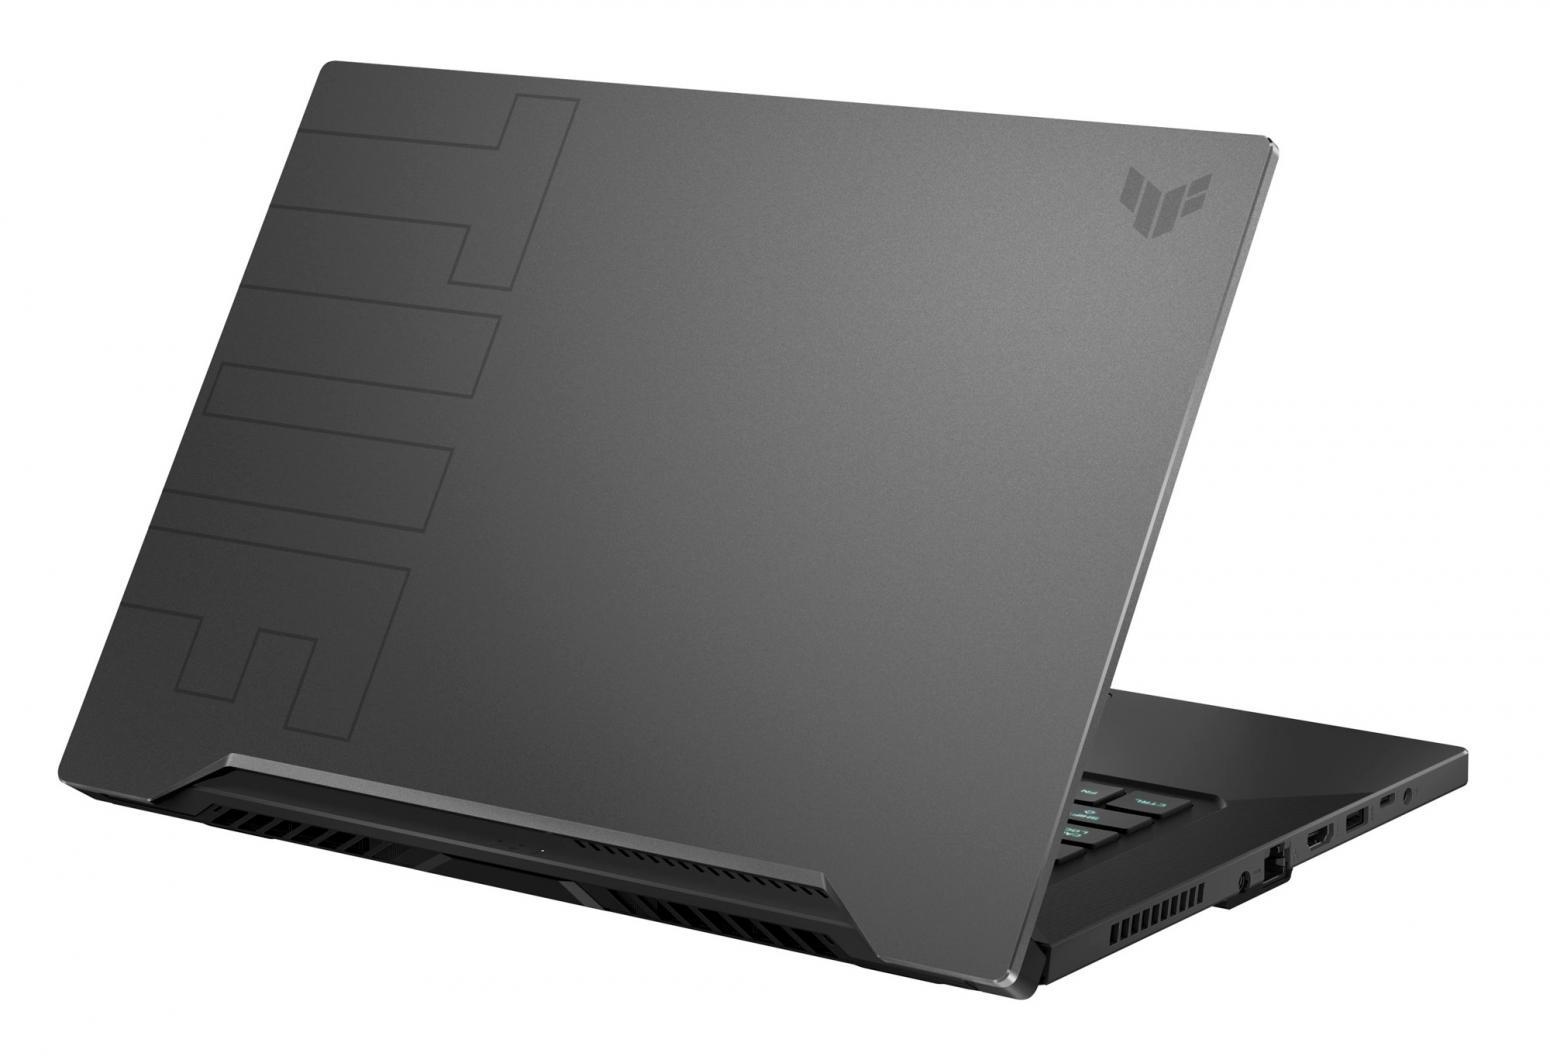 Ordinateur portable Asus TUF Dash F15 516PM-AZ066 Gris - RTX 3060, 240Hz, Sans Windows - photo 7